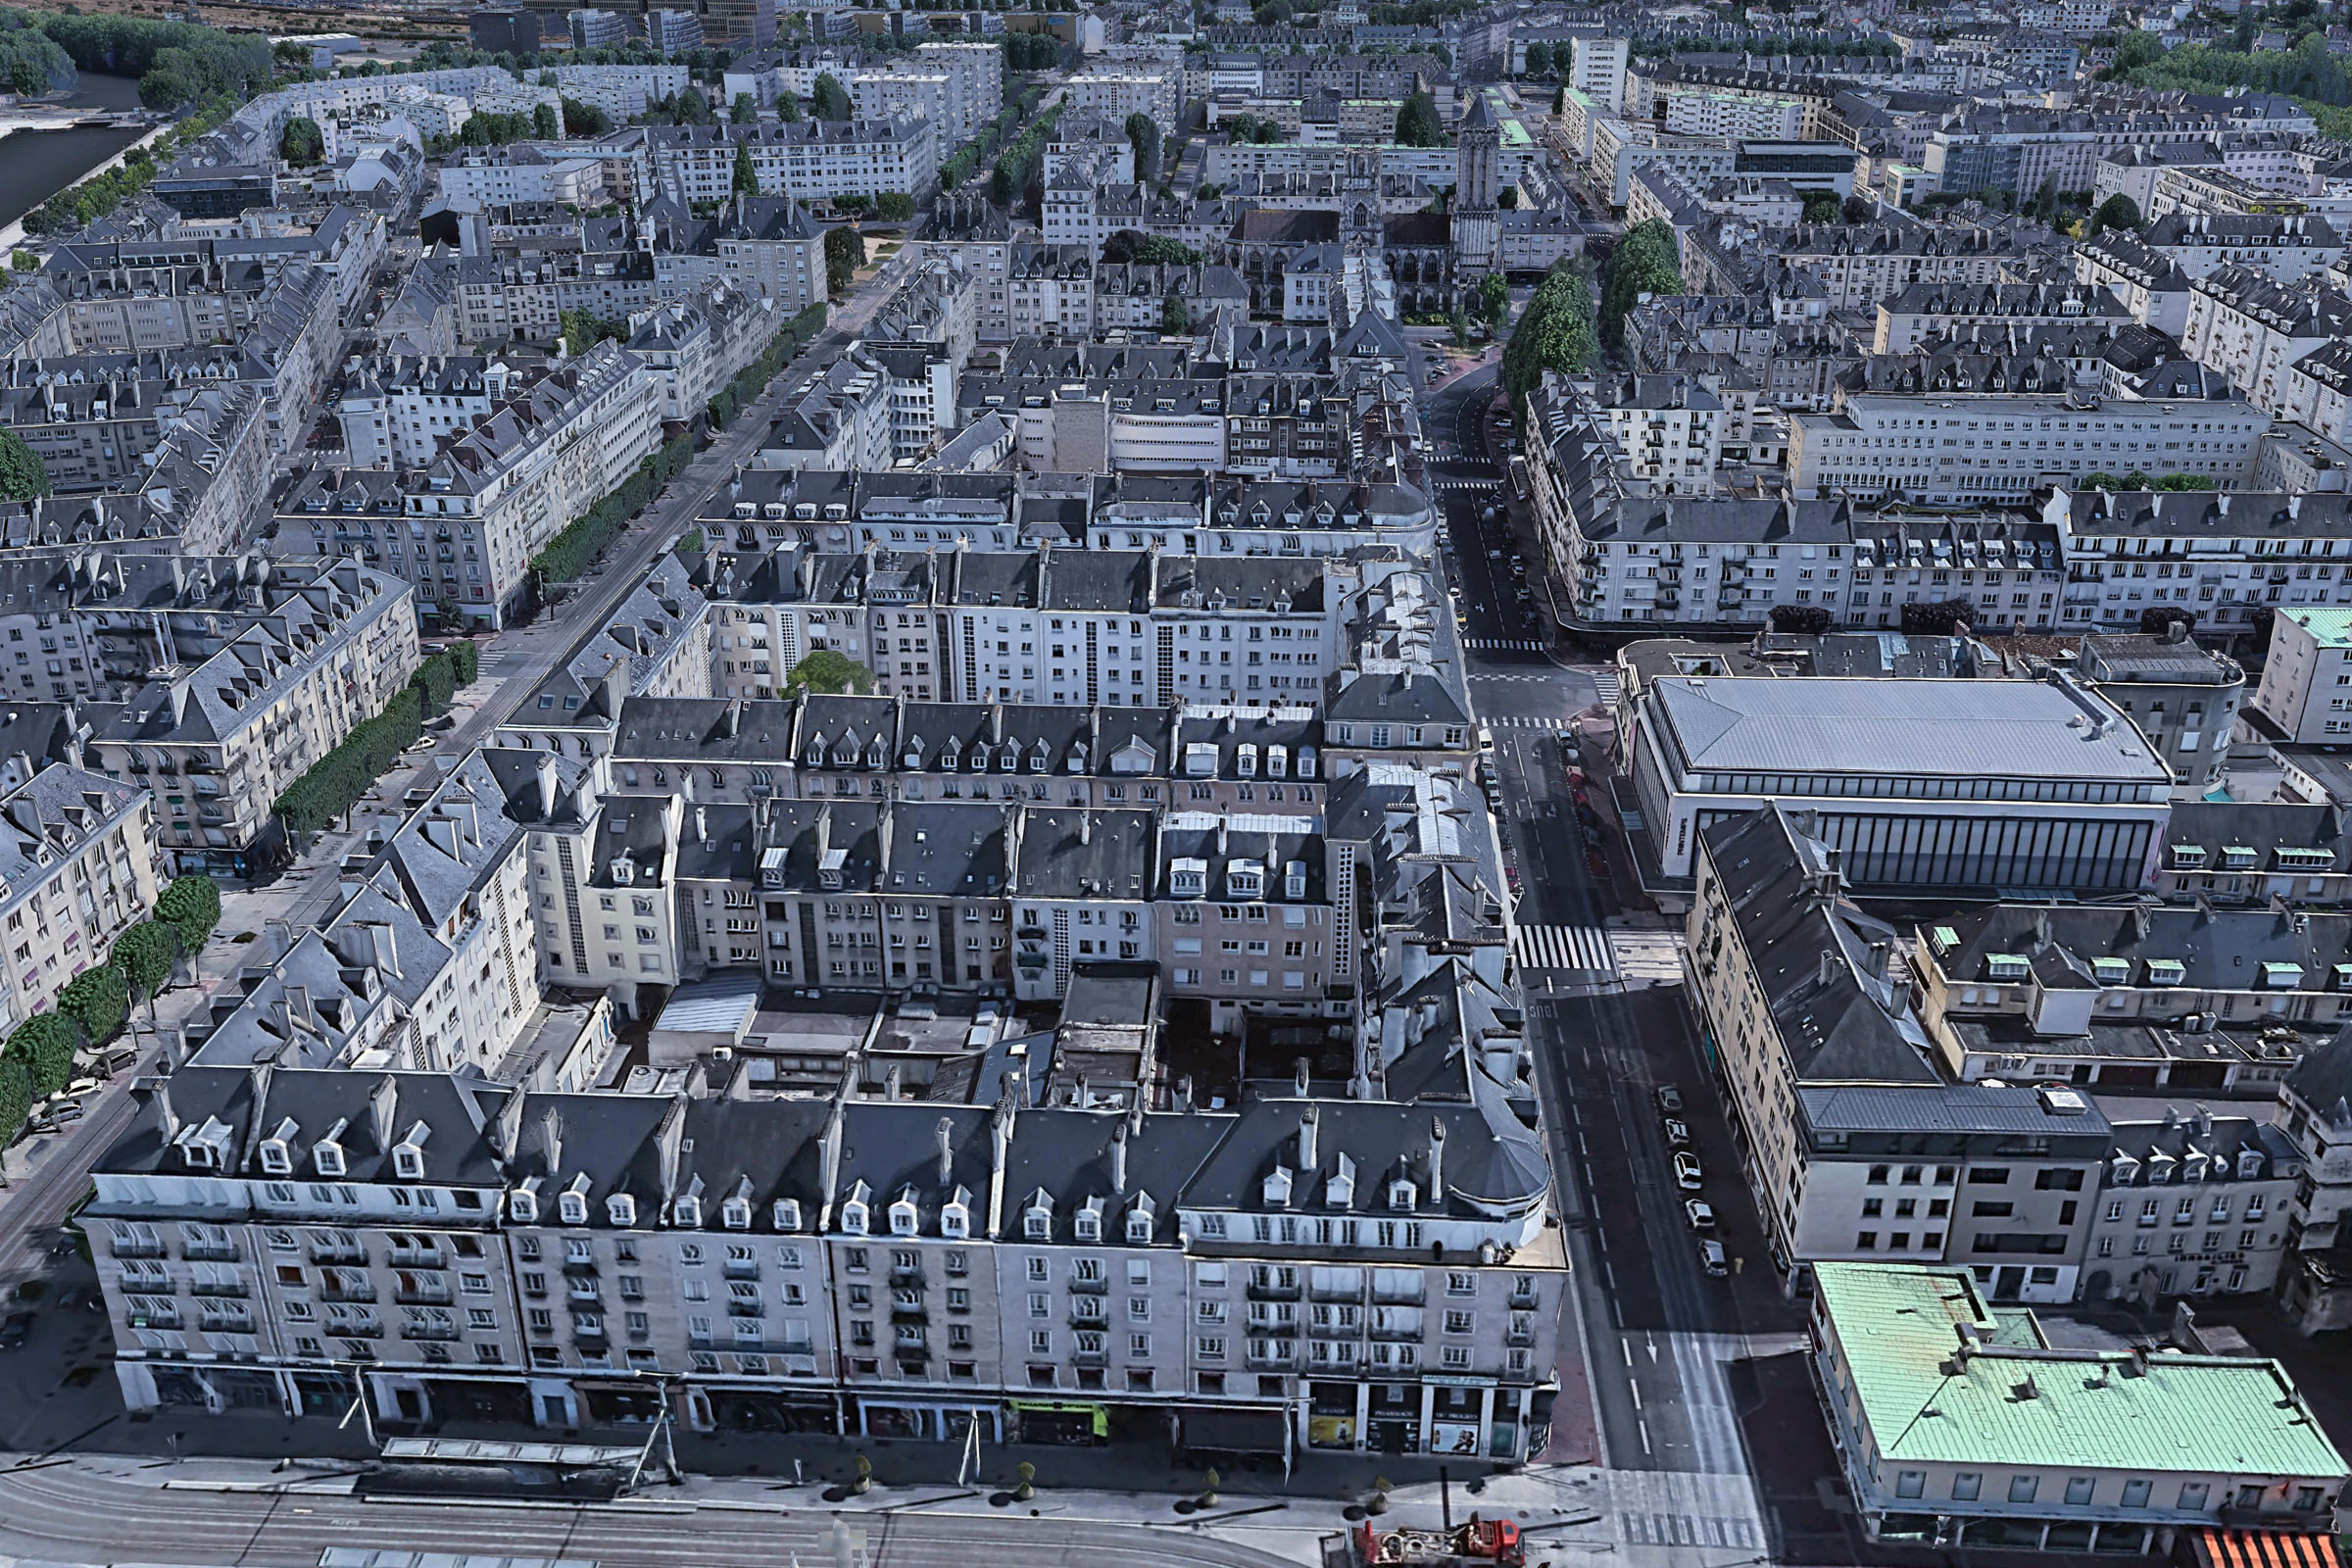 Caen Église Saint-Jean - Bildvergleich zwischen 1945 und 2021